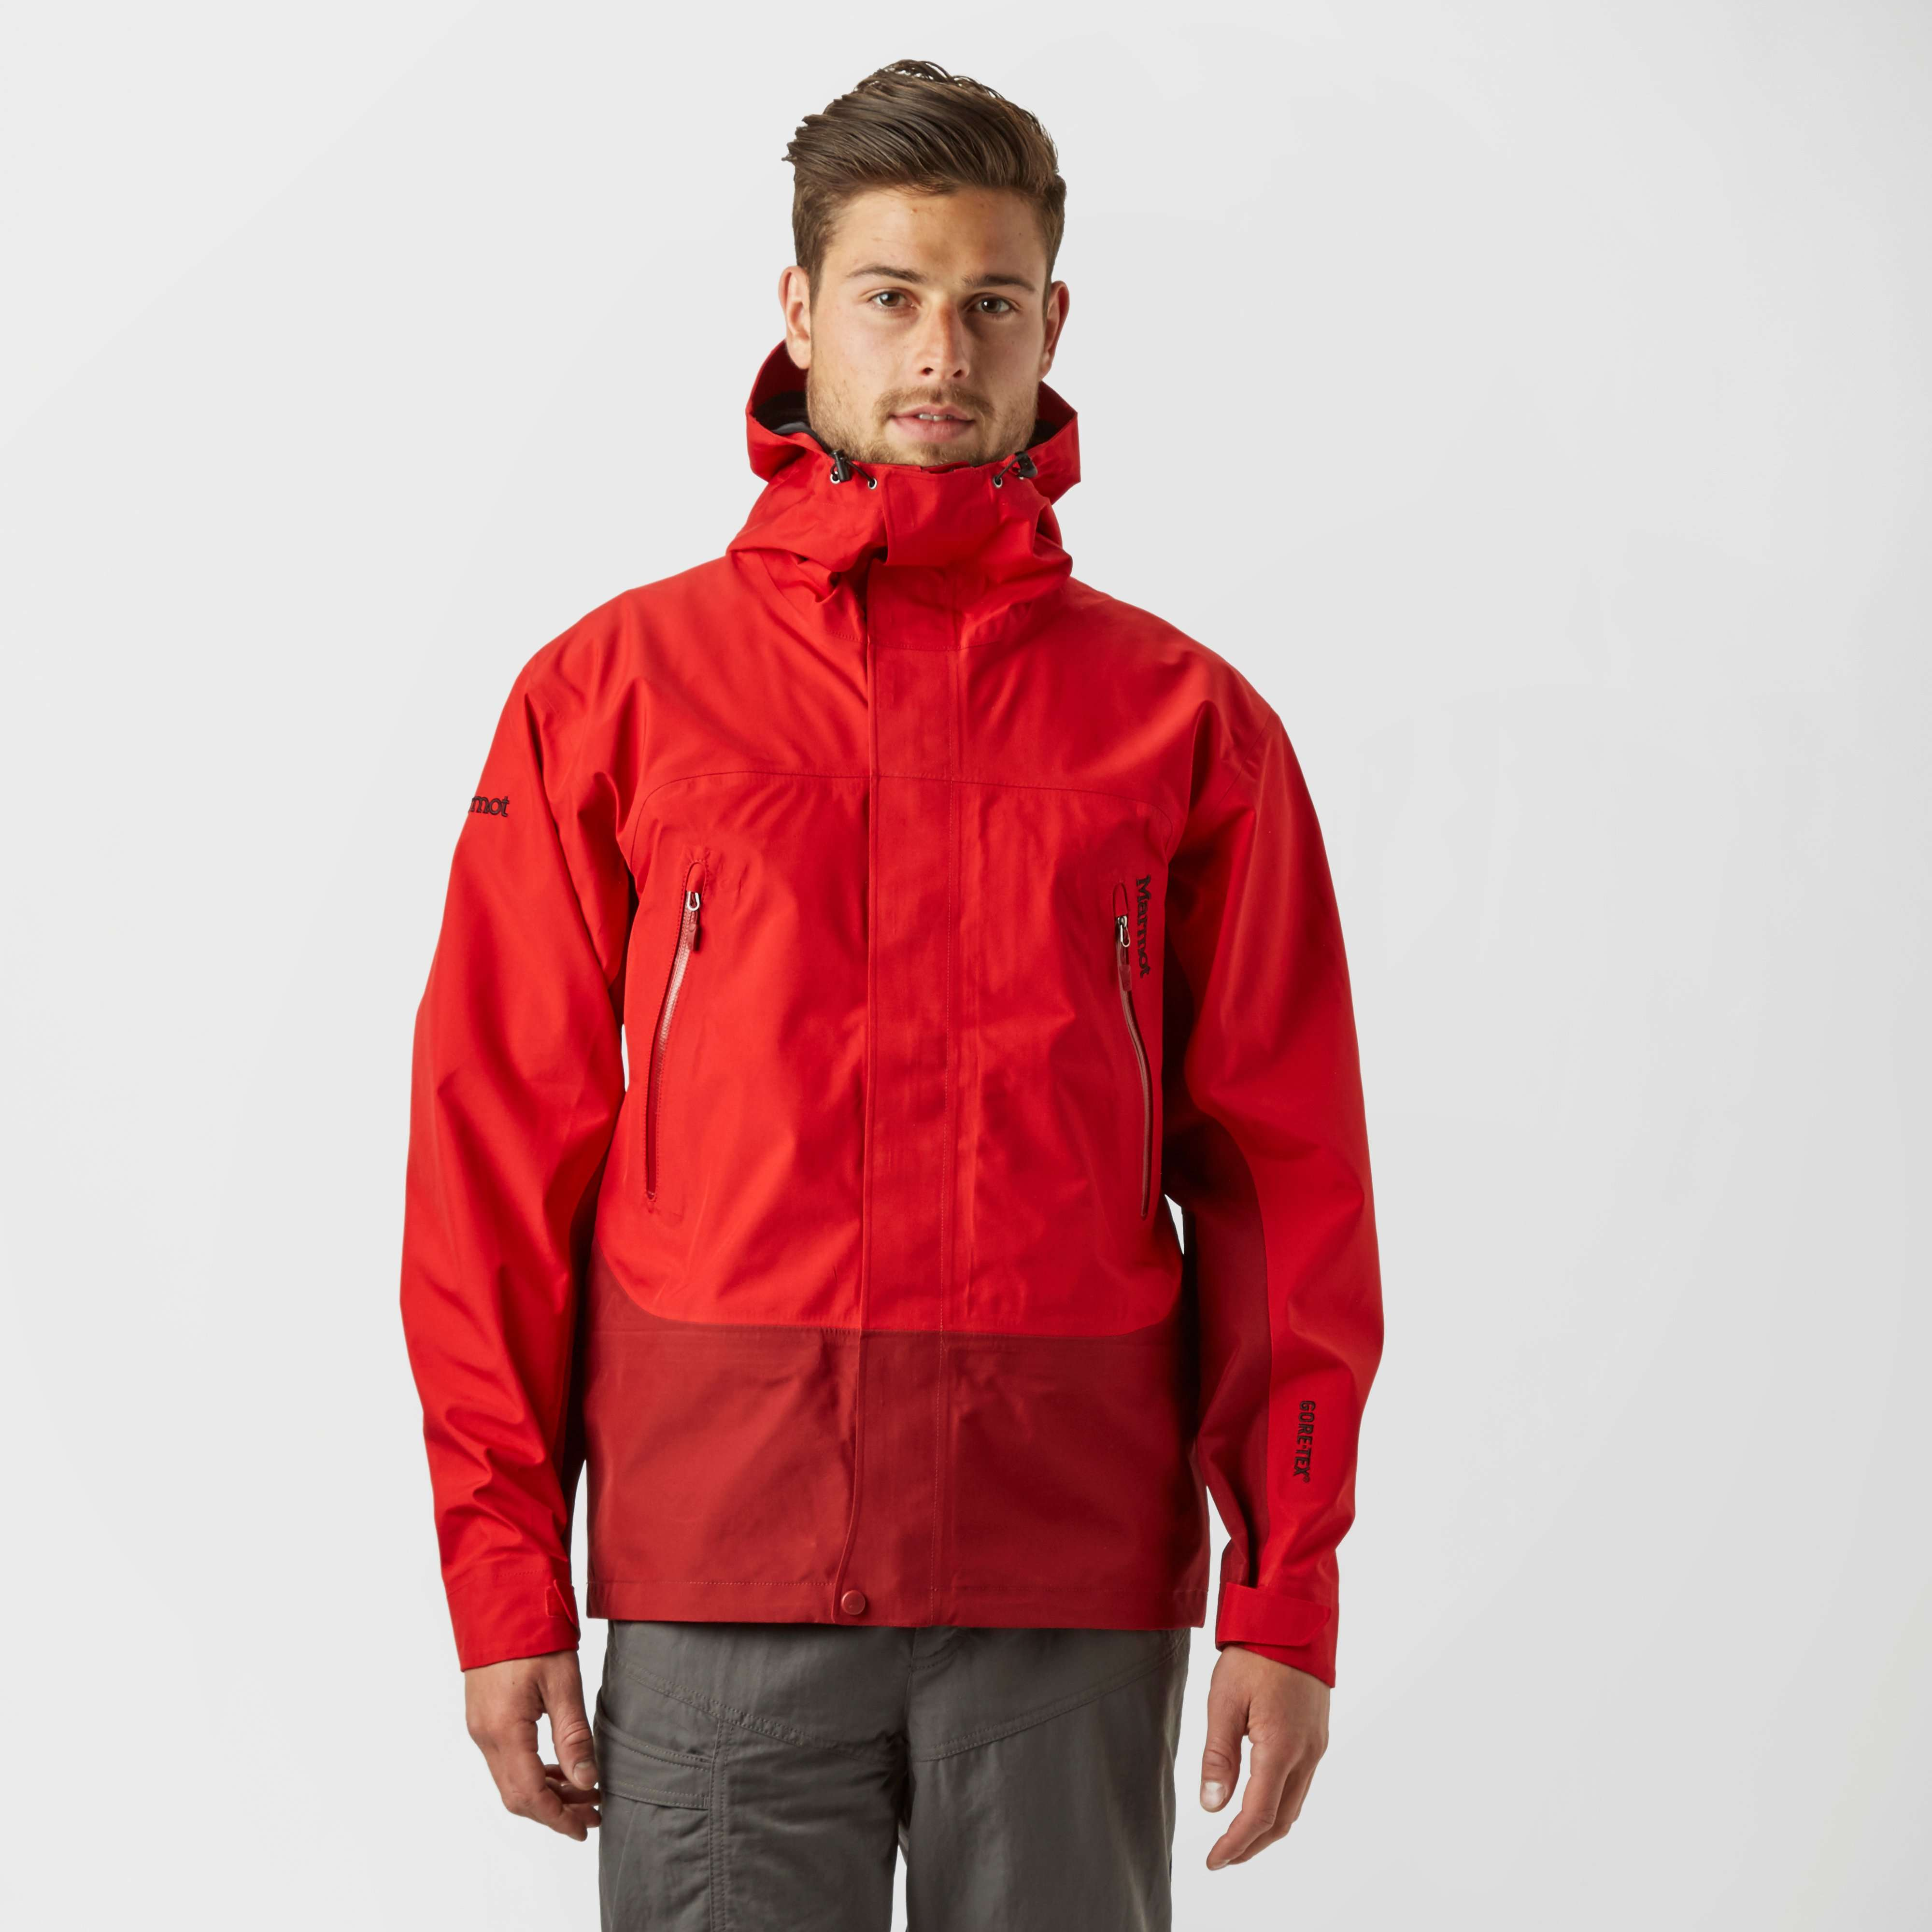 MARMOT Men's Spire GORE-TEX® Waterproof Jacket